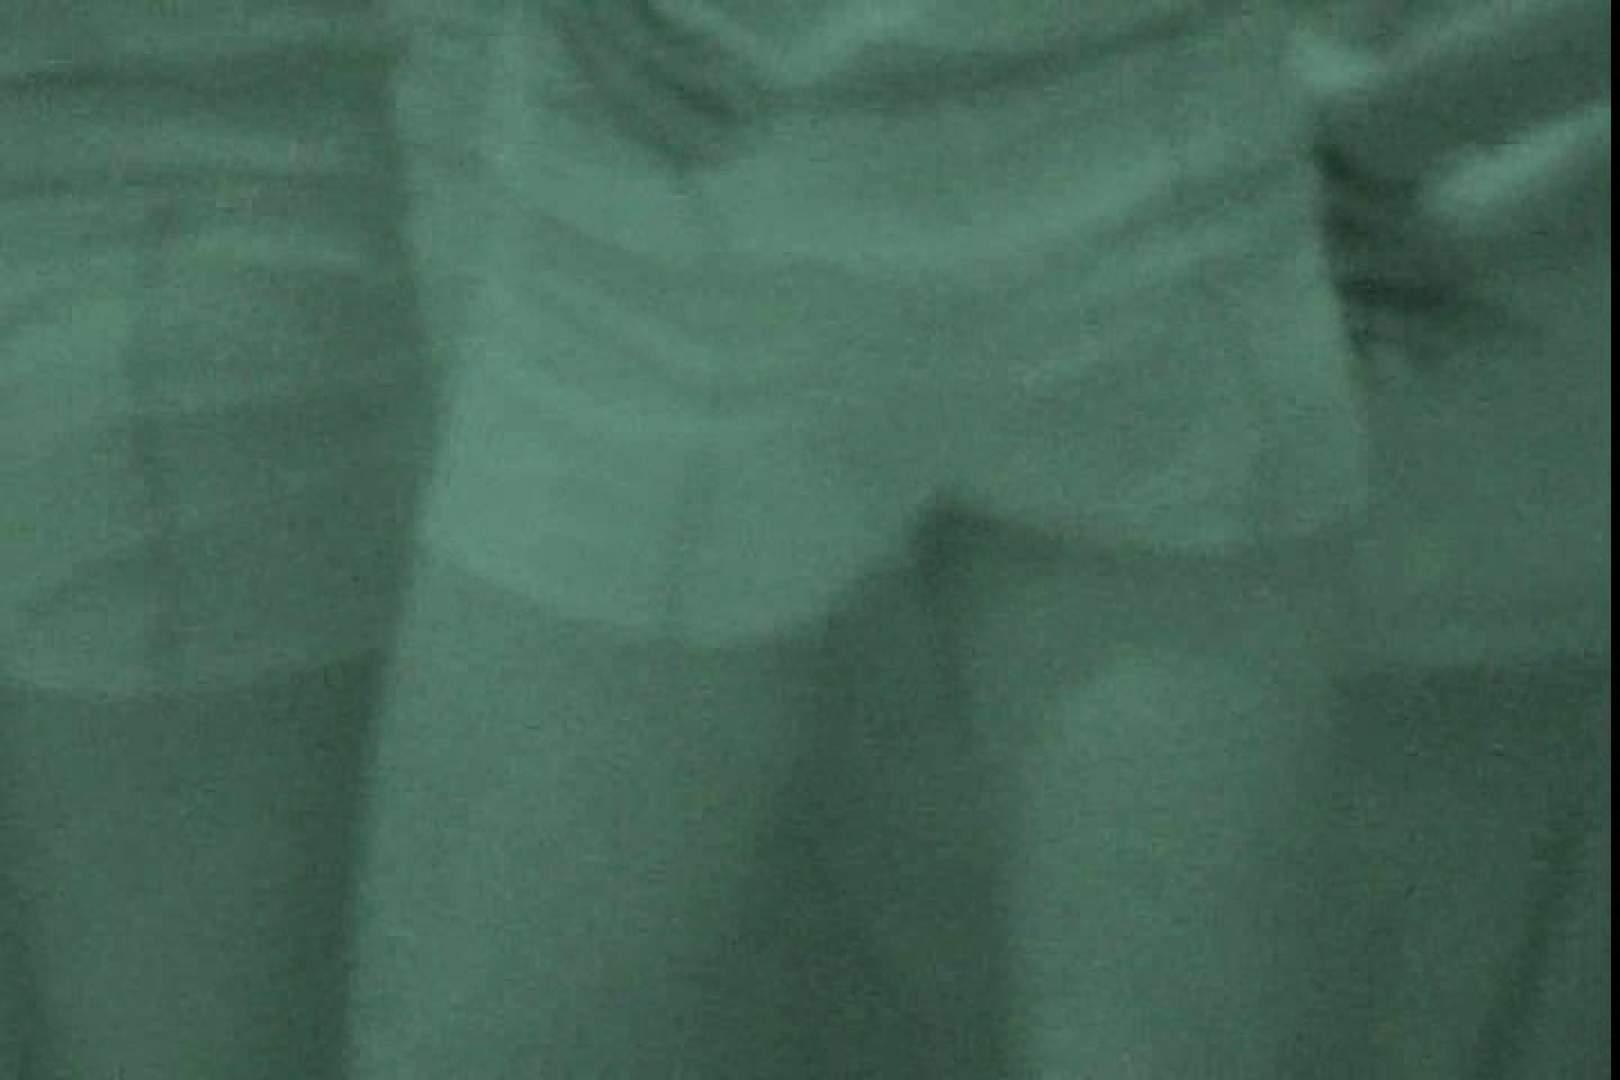 赤外線ムレスケバレー(汗) vol.09 赤外線 すけべAV動画紹介 86連発 59